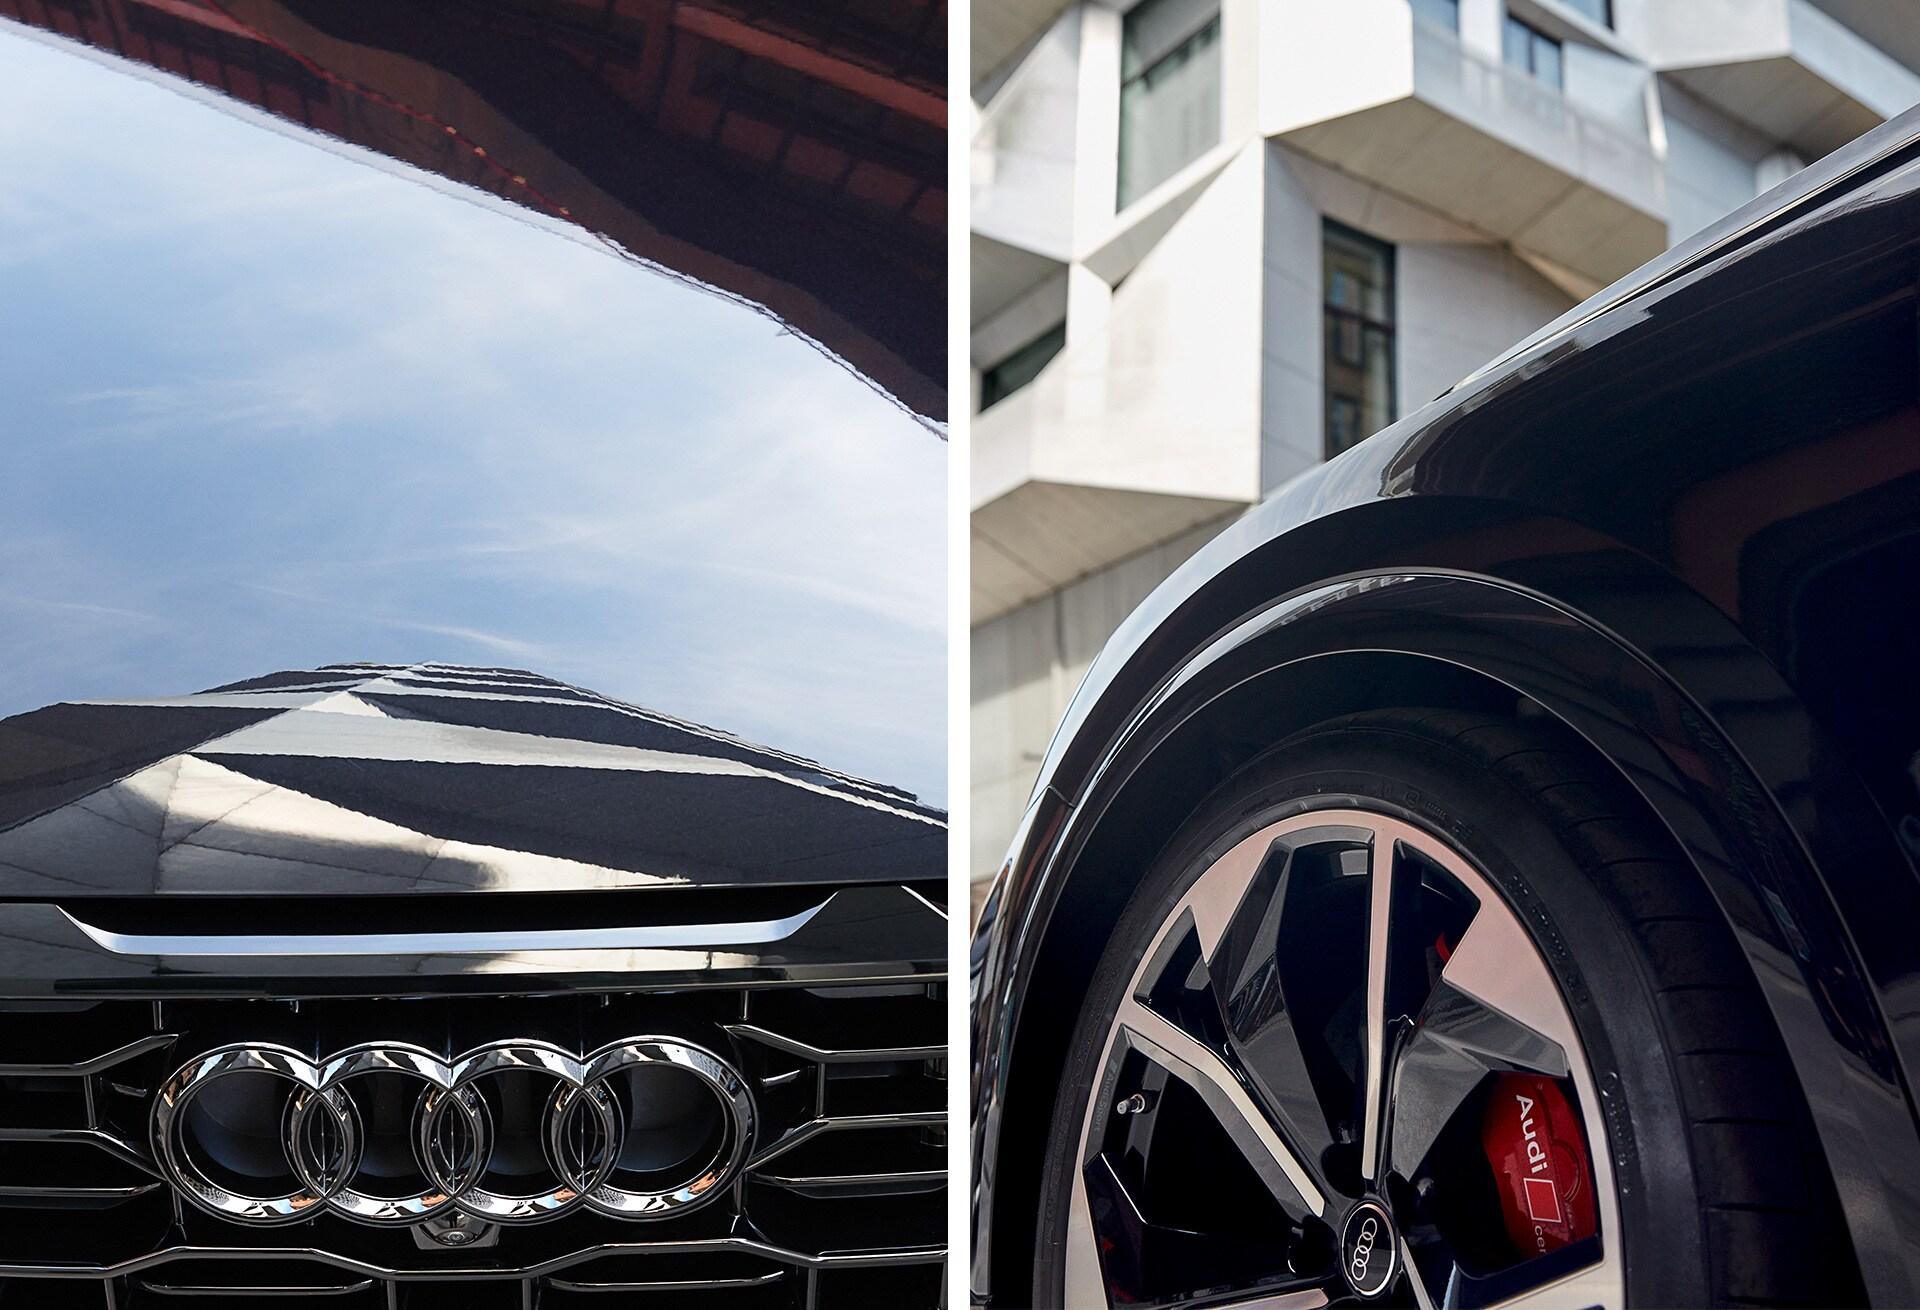 Audi RS Q8, sprednji del vozila